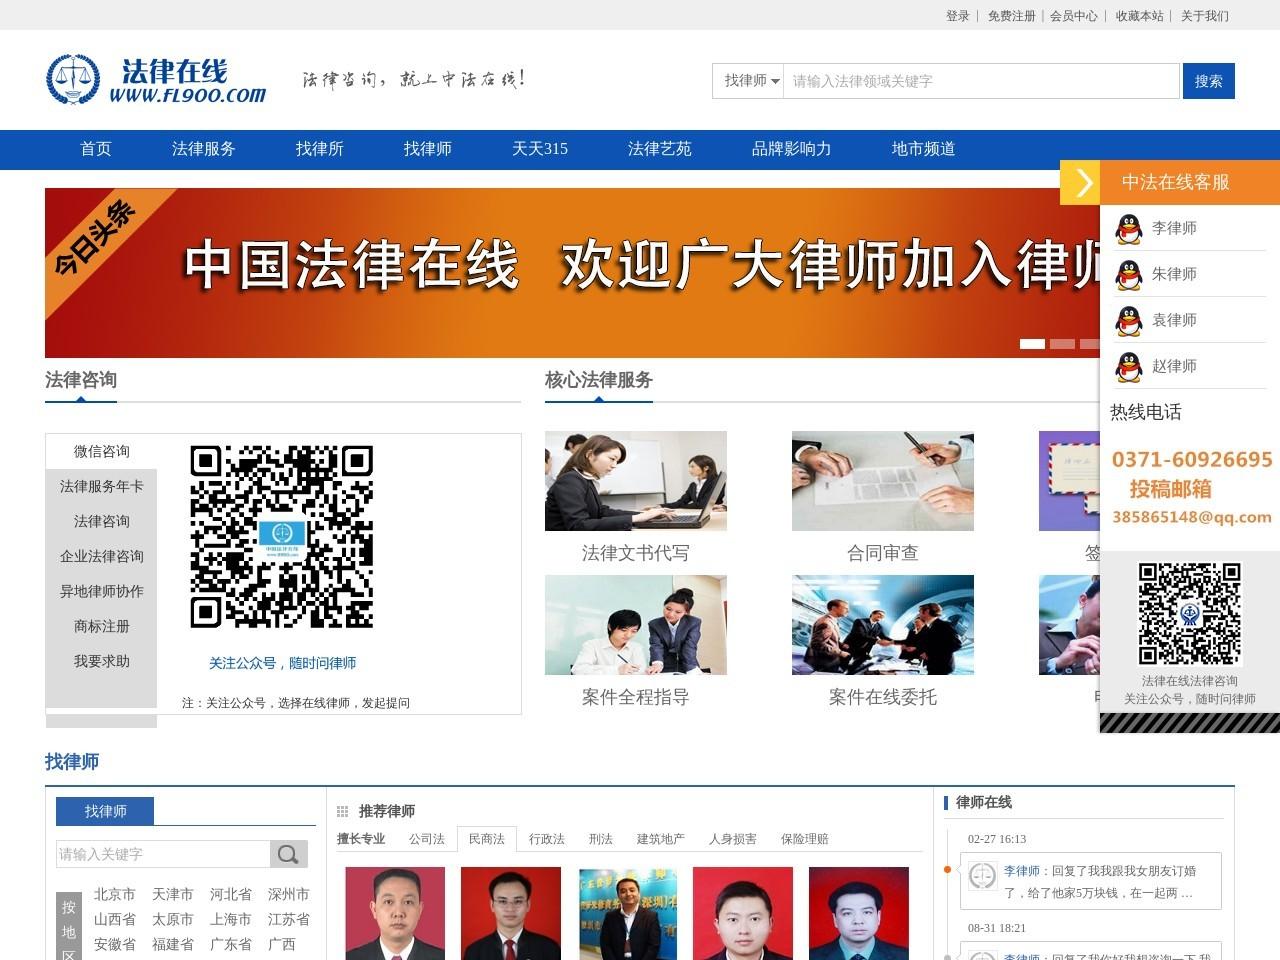 法律在线网 -- 领先专业法律服务平台官网